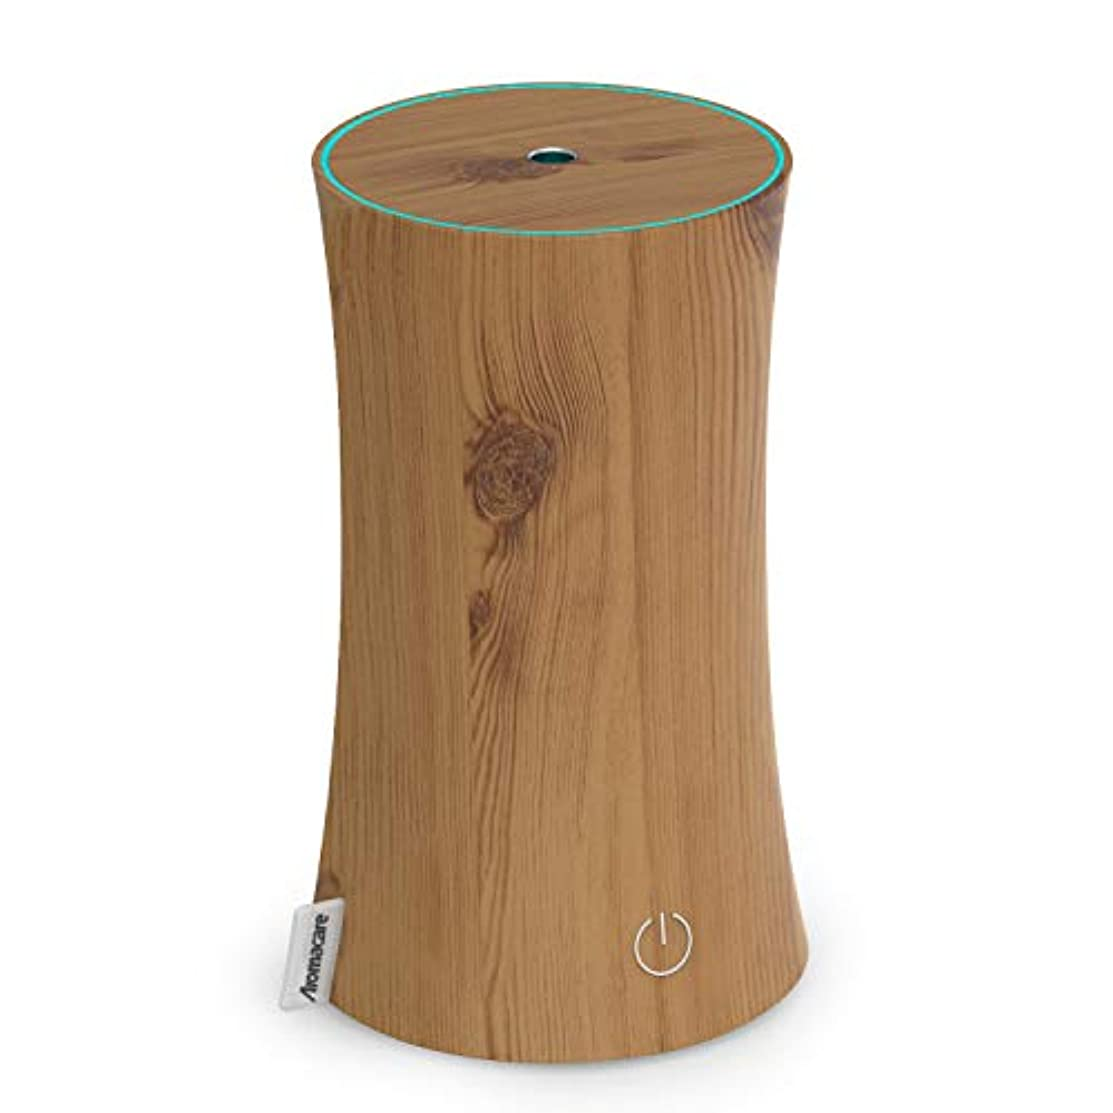 シャイ陪審付添人アロマディフューザー 卓上加湿器 センサー付き 超音波式 空焚き防止 低騒音 300ml 連続運転 各場所用 省エネ 木目調 木の色